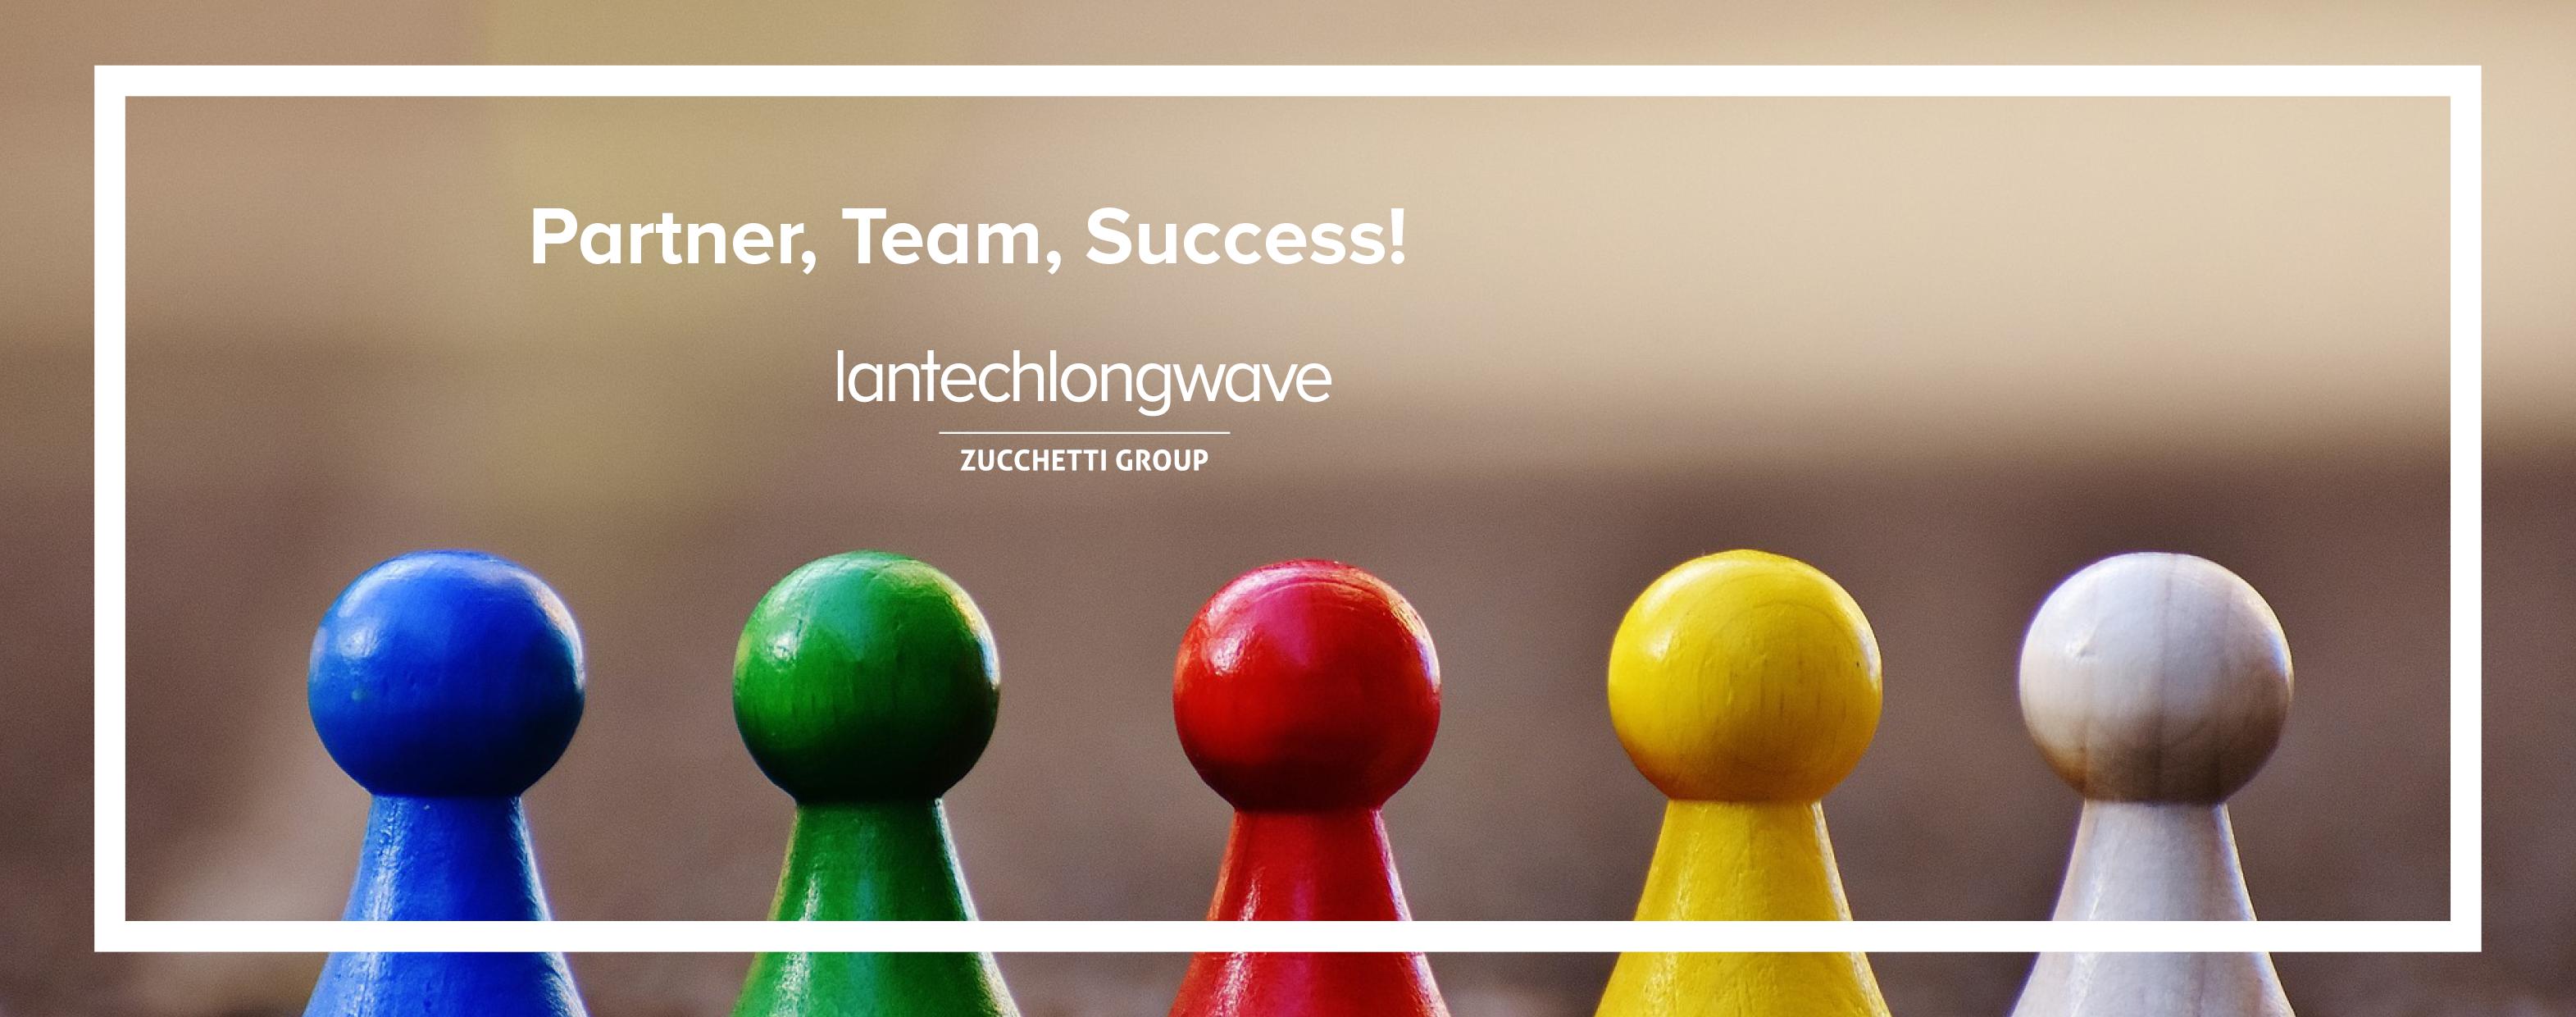 Lantech Longwave: il nuovo System Integrator con oltre 20 anni di esperienza. L'intervista.